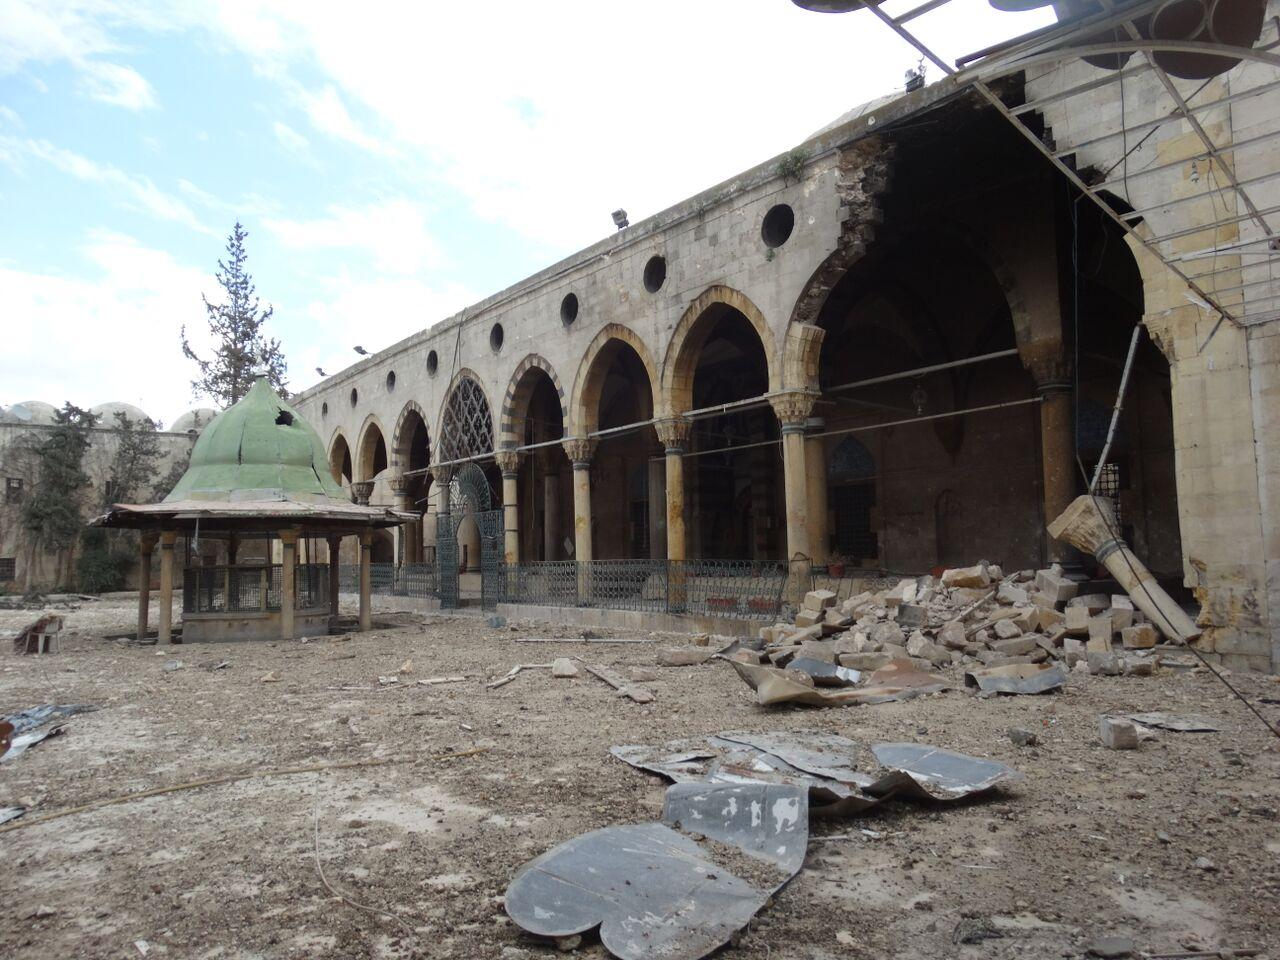 Al Adiliyya Mosque, Aleppo